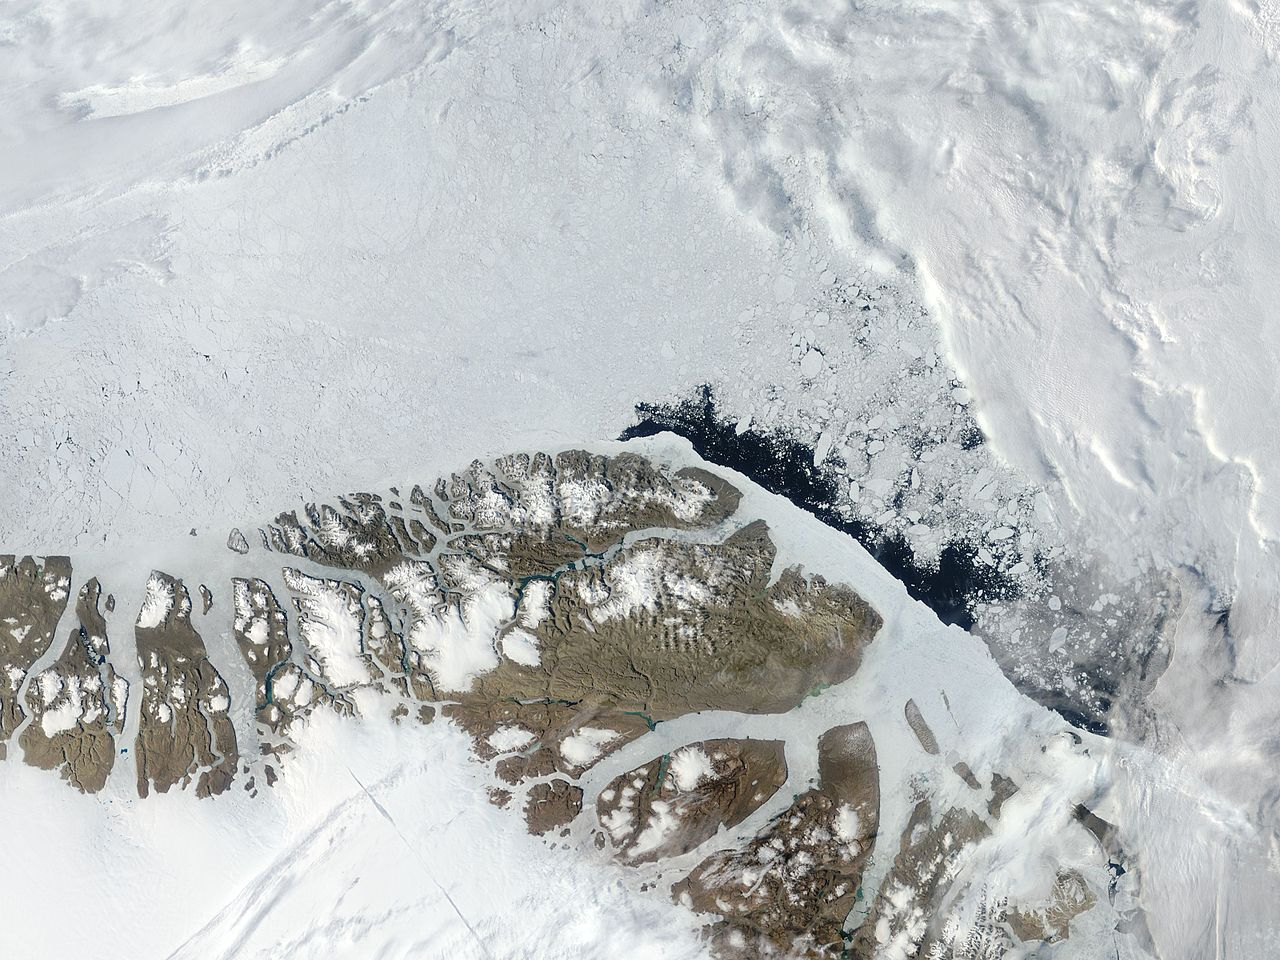 Satellitenfoto von Peary-Land mit der Hans-Tausen-Eiskappe westlich des eisfreien Gebiets